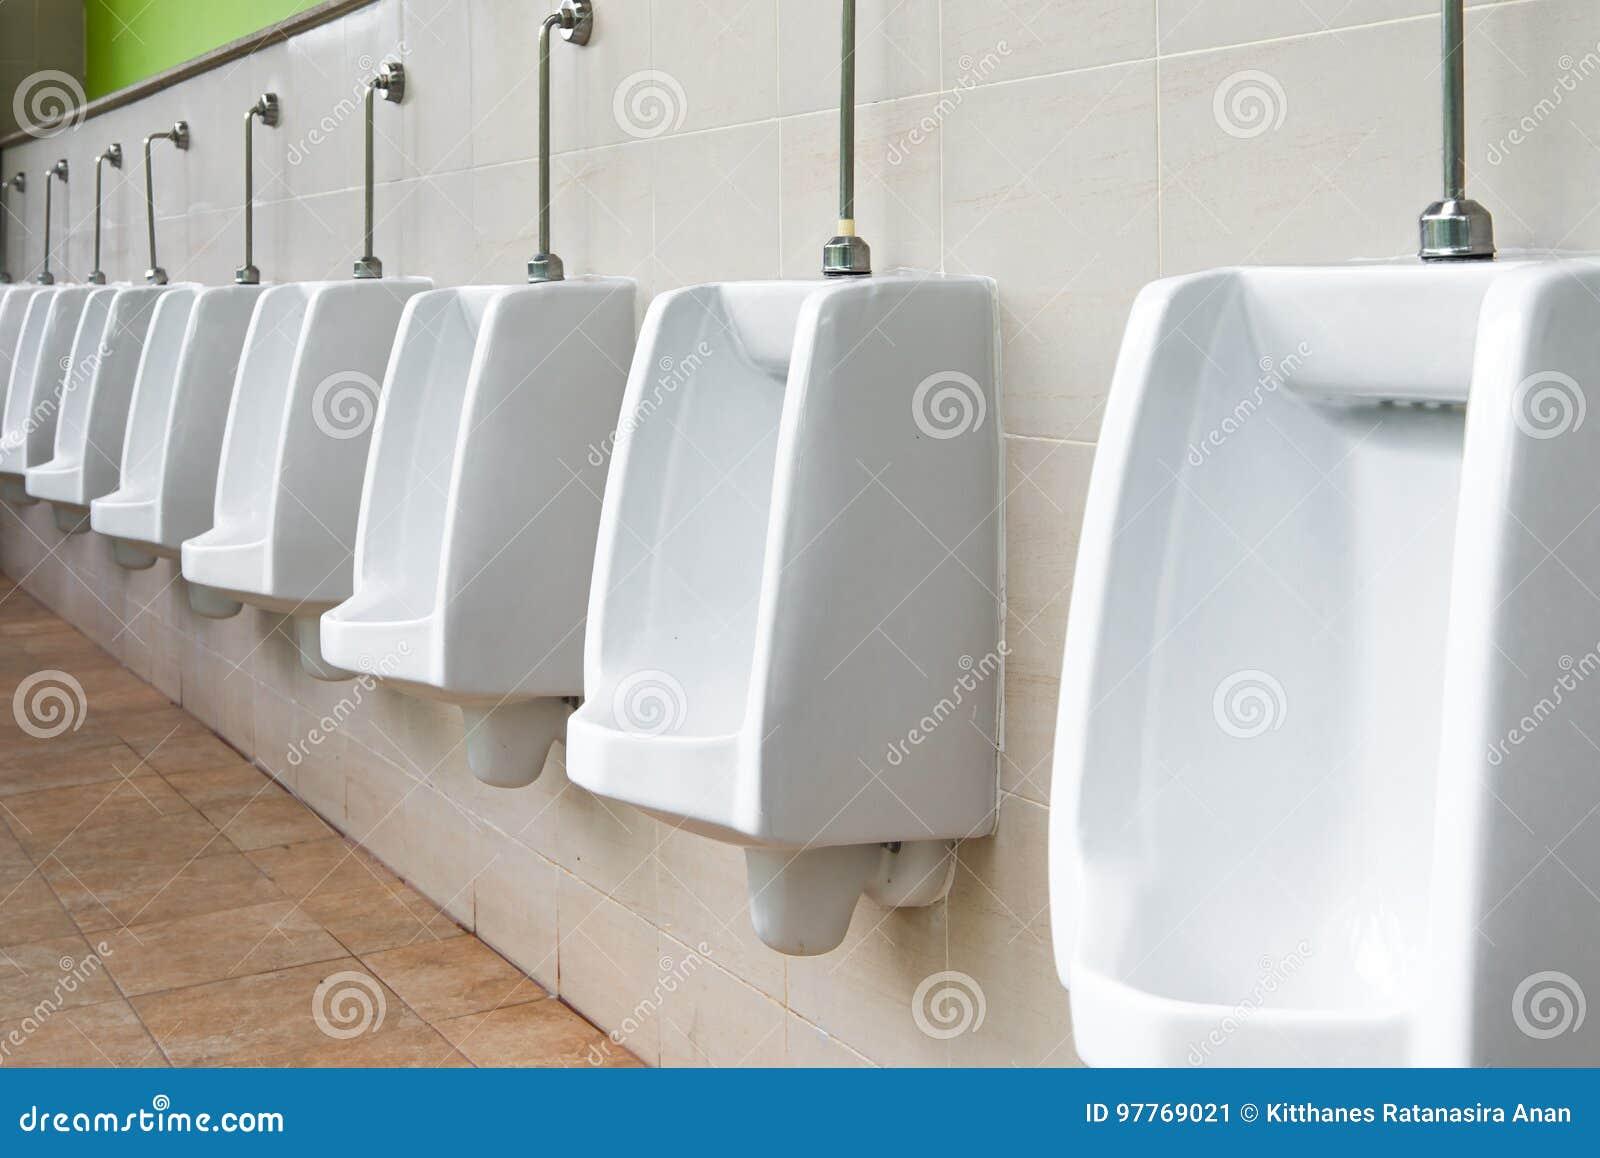 Wit Urinoir In Mensen` S Badkamers Stock Afbeelding - Afbeelding ...